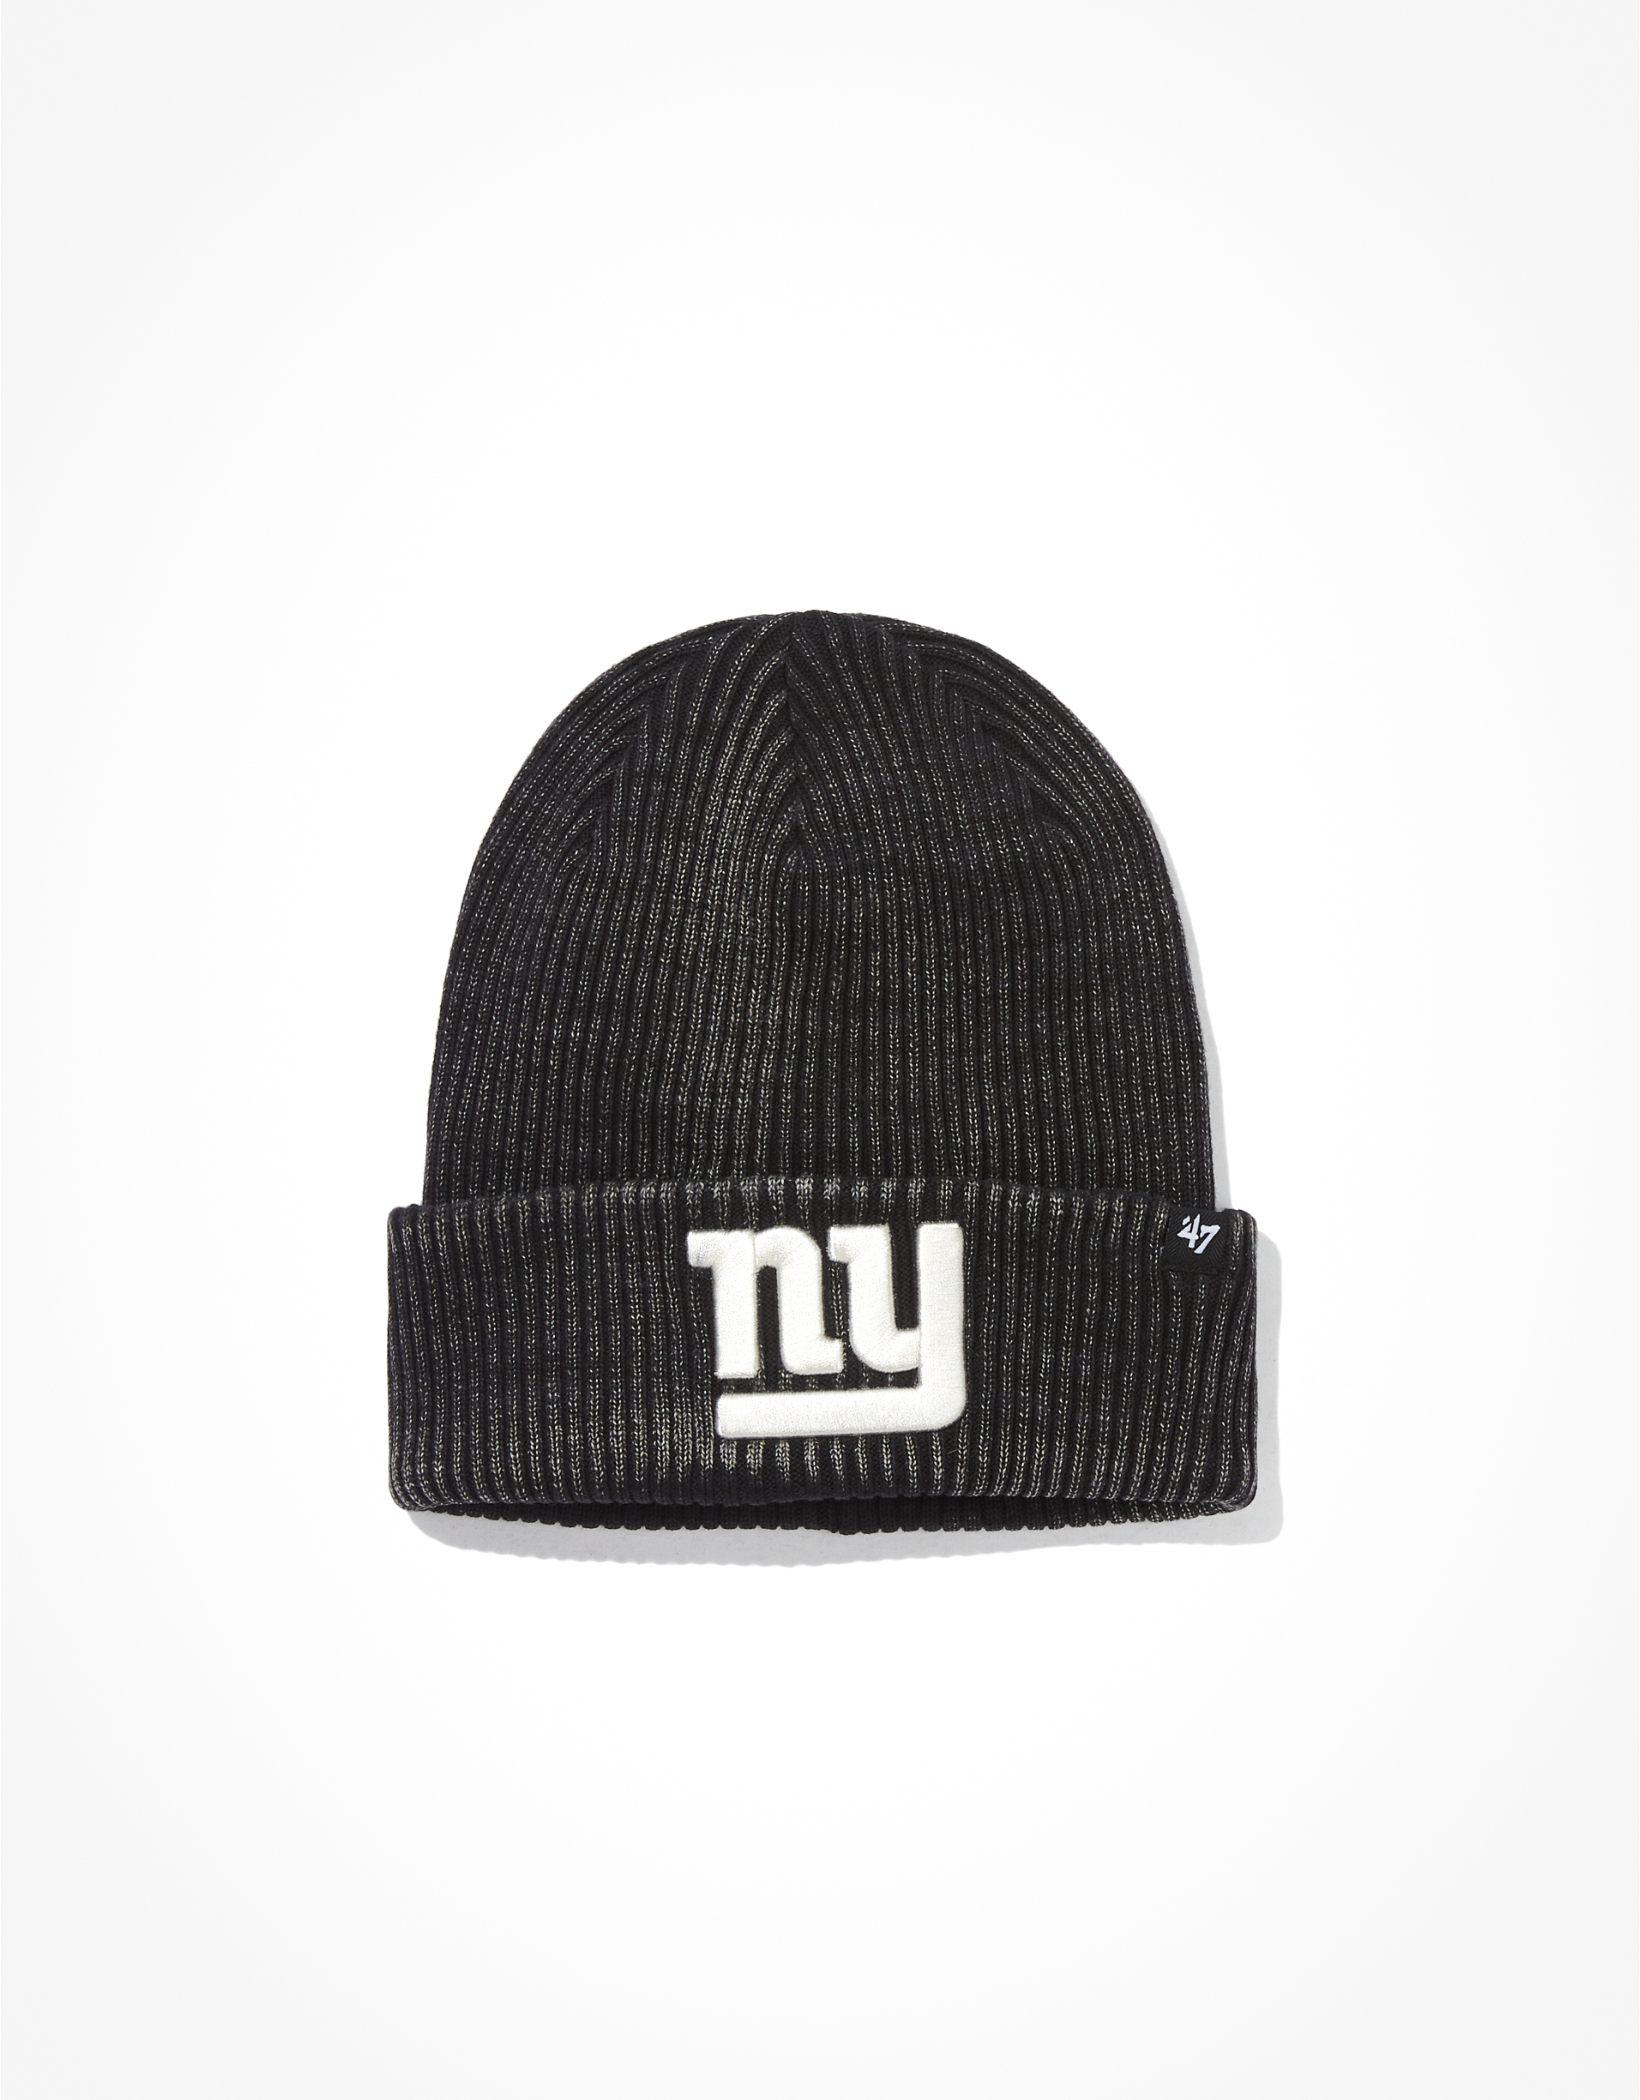 '47 New York Giants Knit Beanie